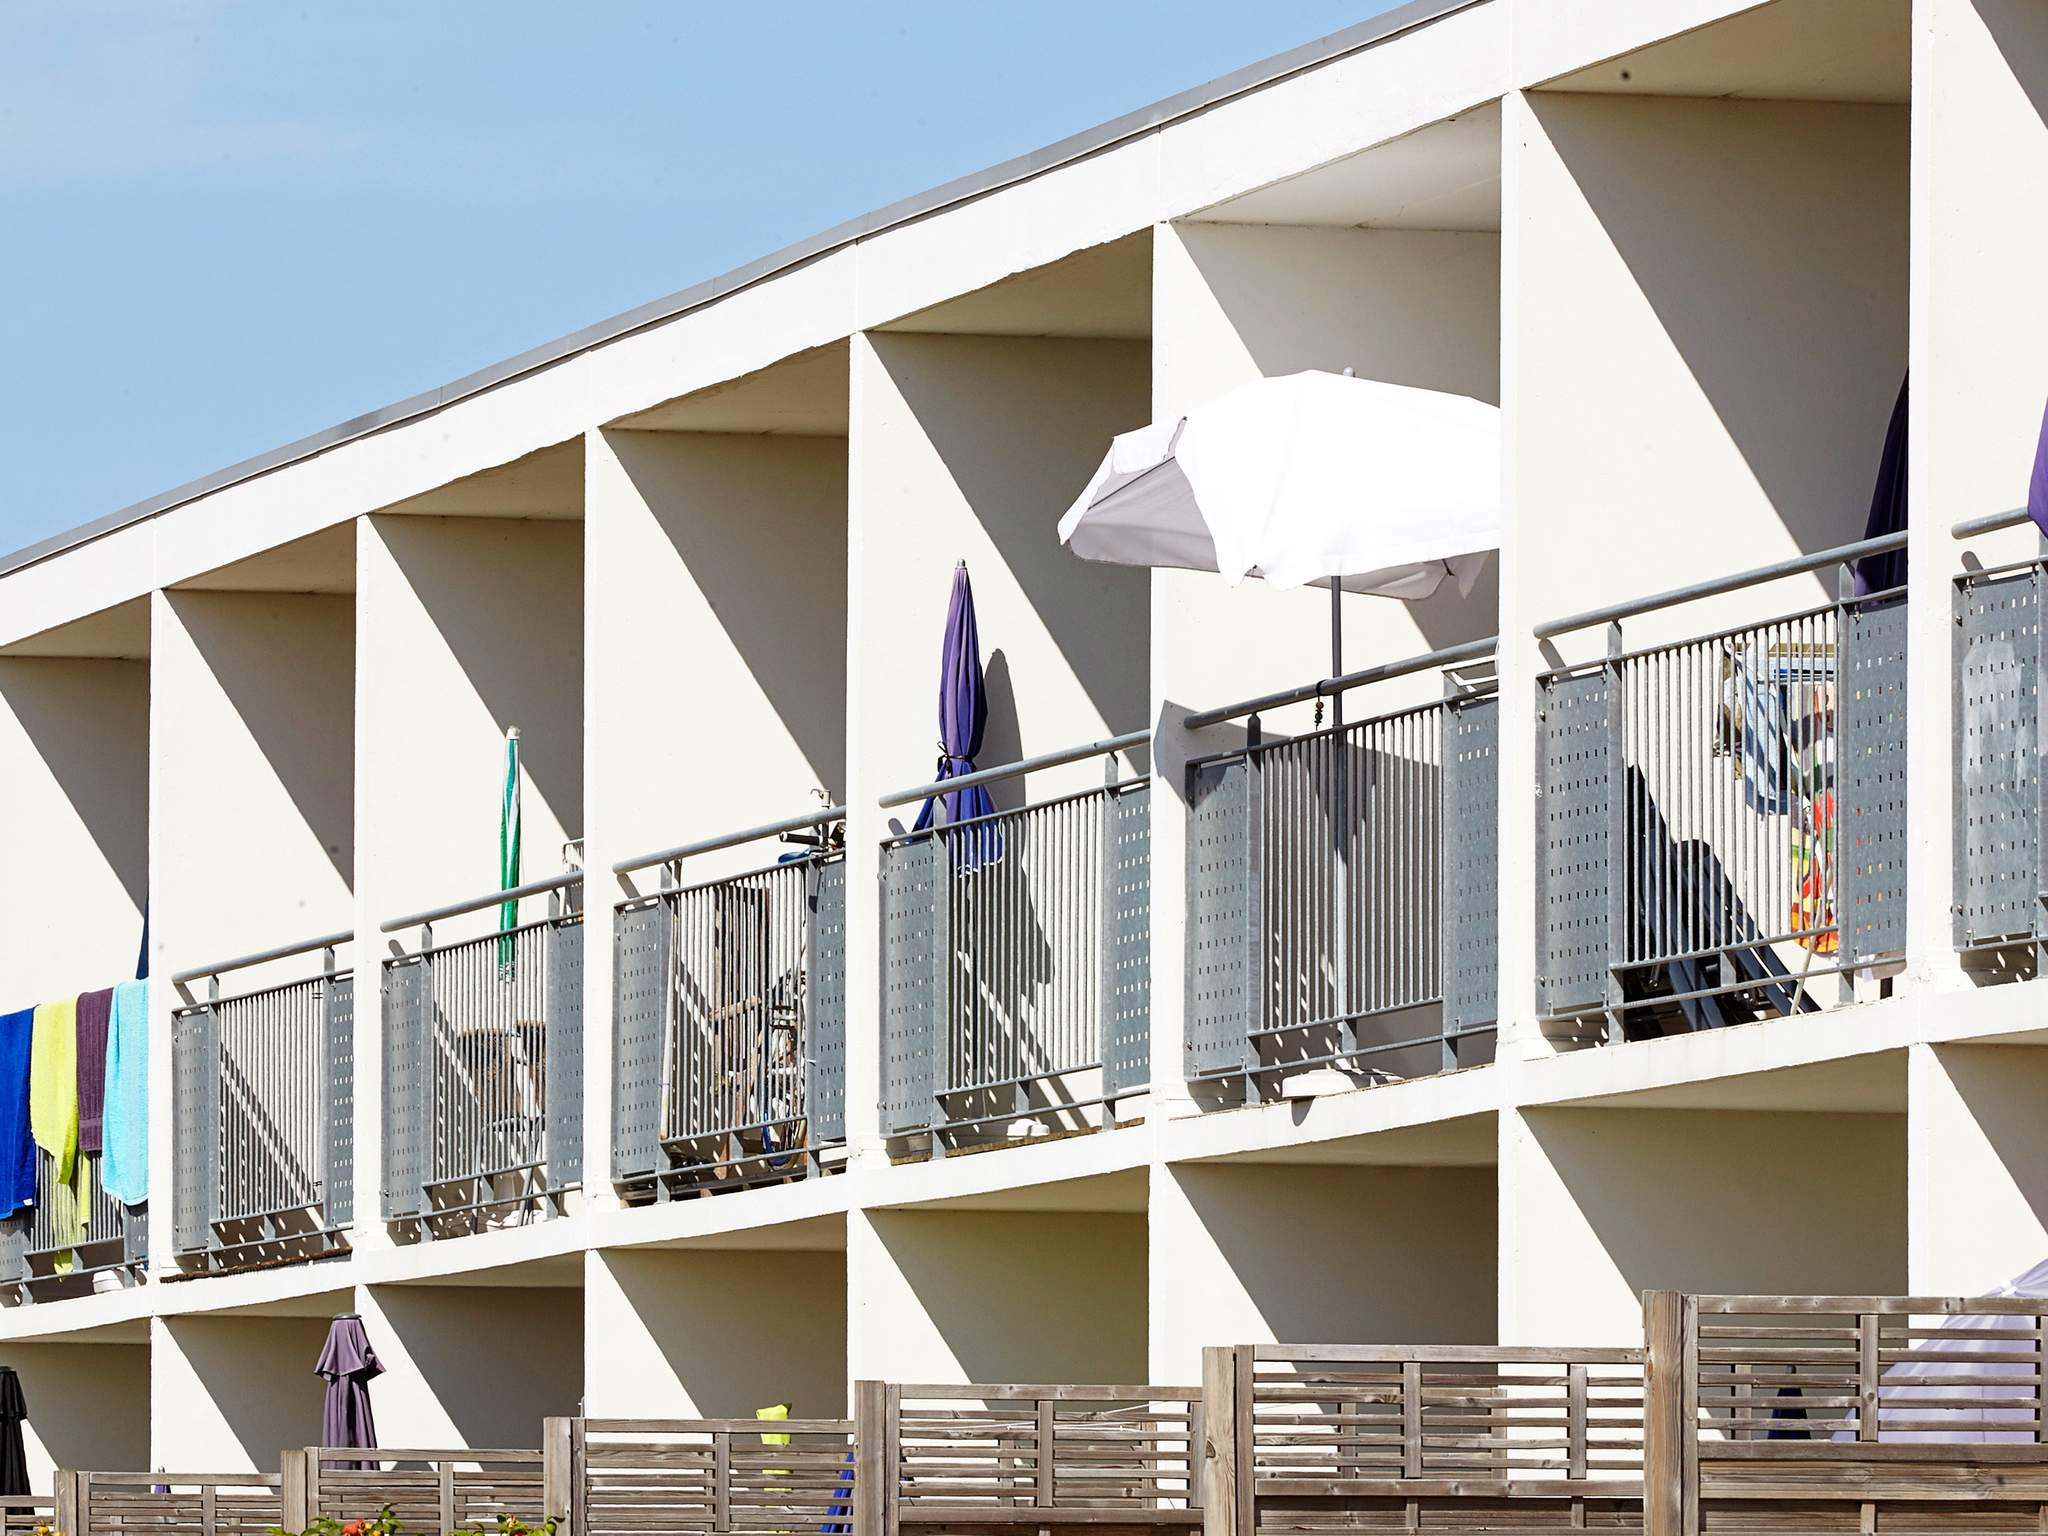 Ferienwohnung Bønnerup Strand - Typ 3 - 3 Zimmer,Erdg. oder 1.stock (1719344), Bønnerup, , Ostjütland, Dänemark, Bild 31